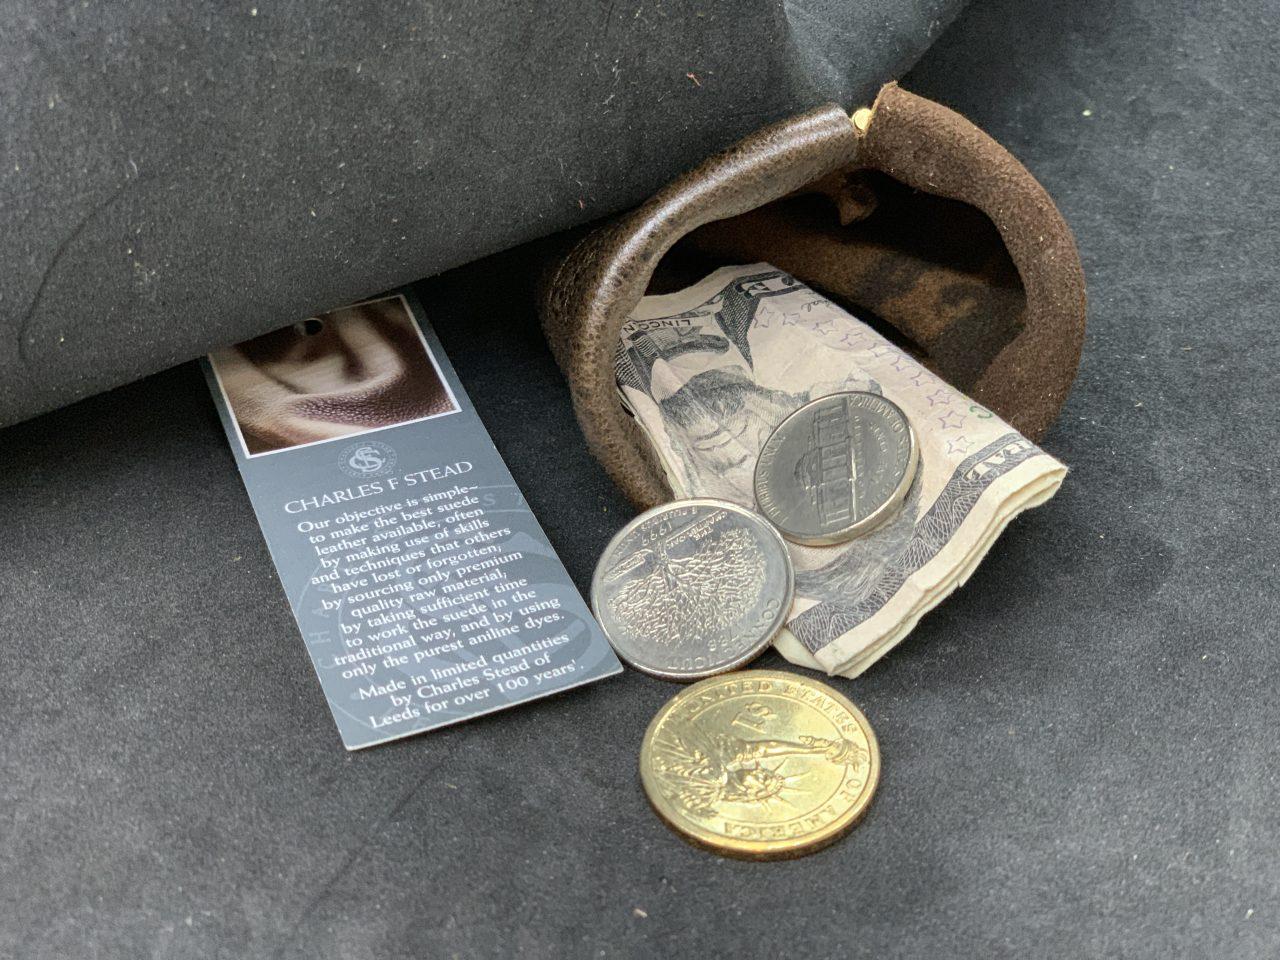 コインケース 小銭入れ パカパカ 希少な kudu クードゥー 本革 ワンタッチ バ ネ口金式 自社生産 日本製 革小物